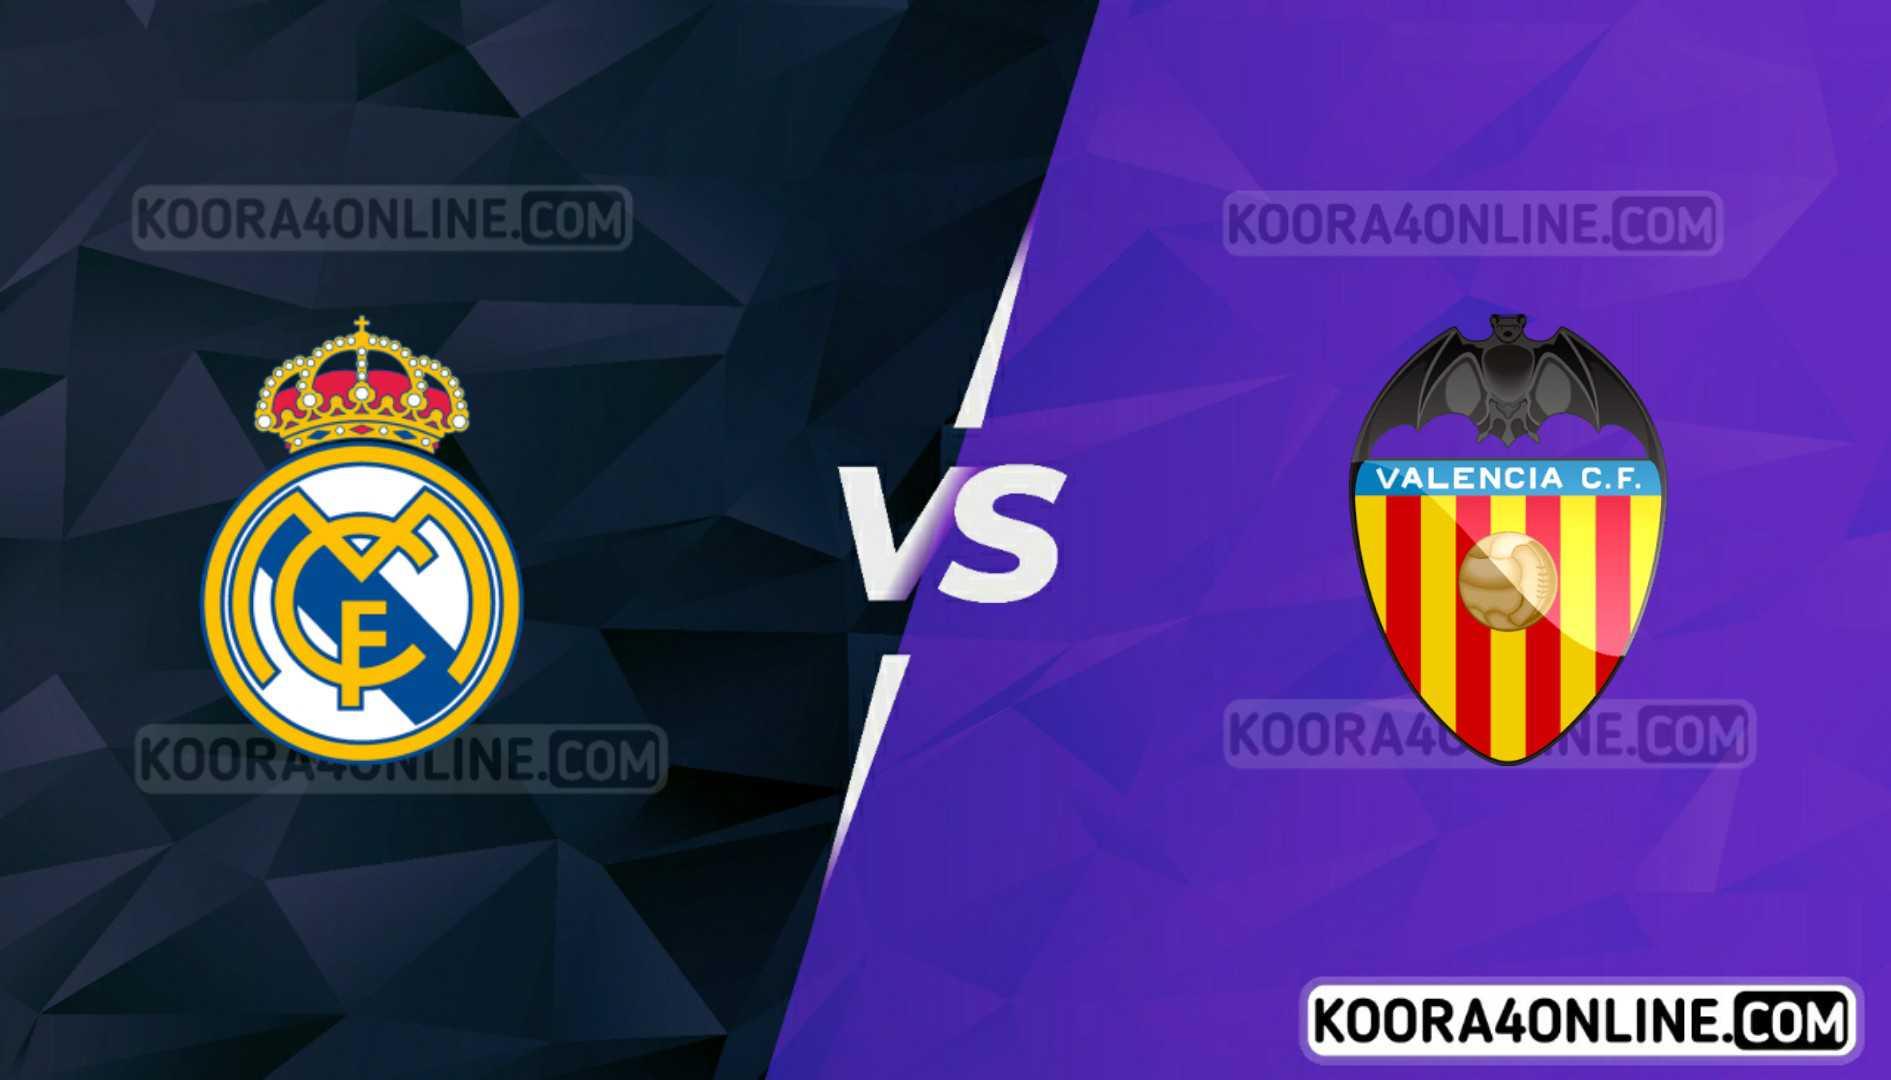 مشاهدة مباراة ريال مدريد وفالنسيا بث مباشر اليوم 19-09-2021 في الدوري الإسباني